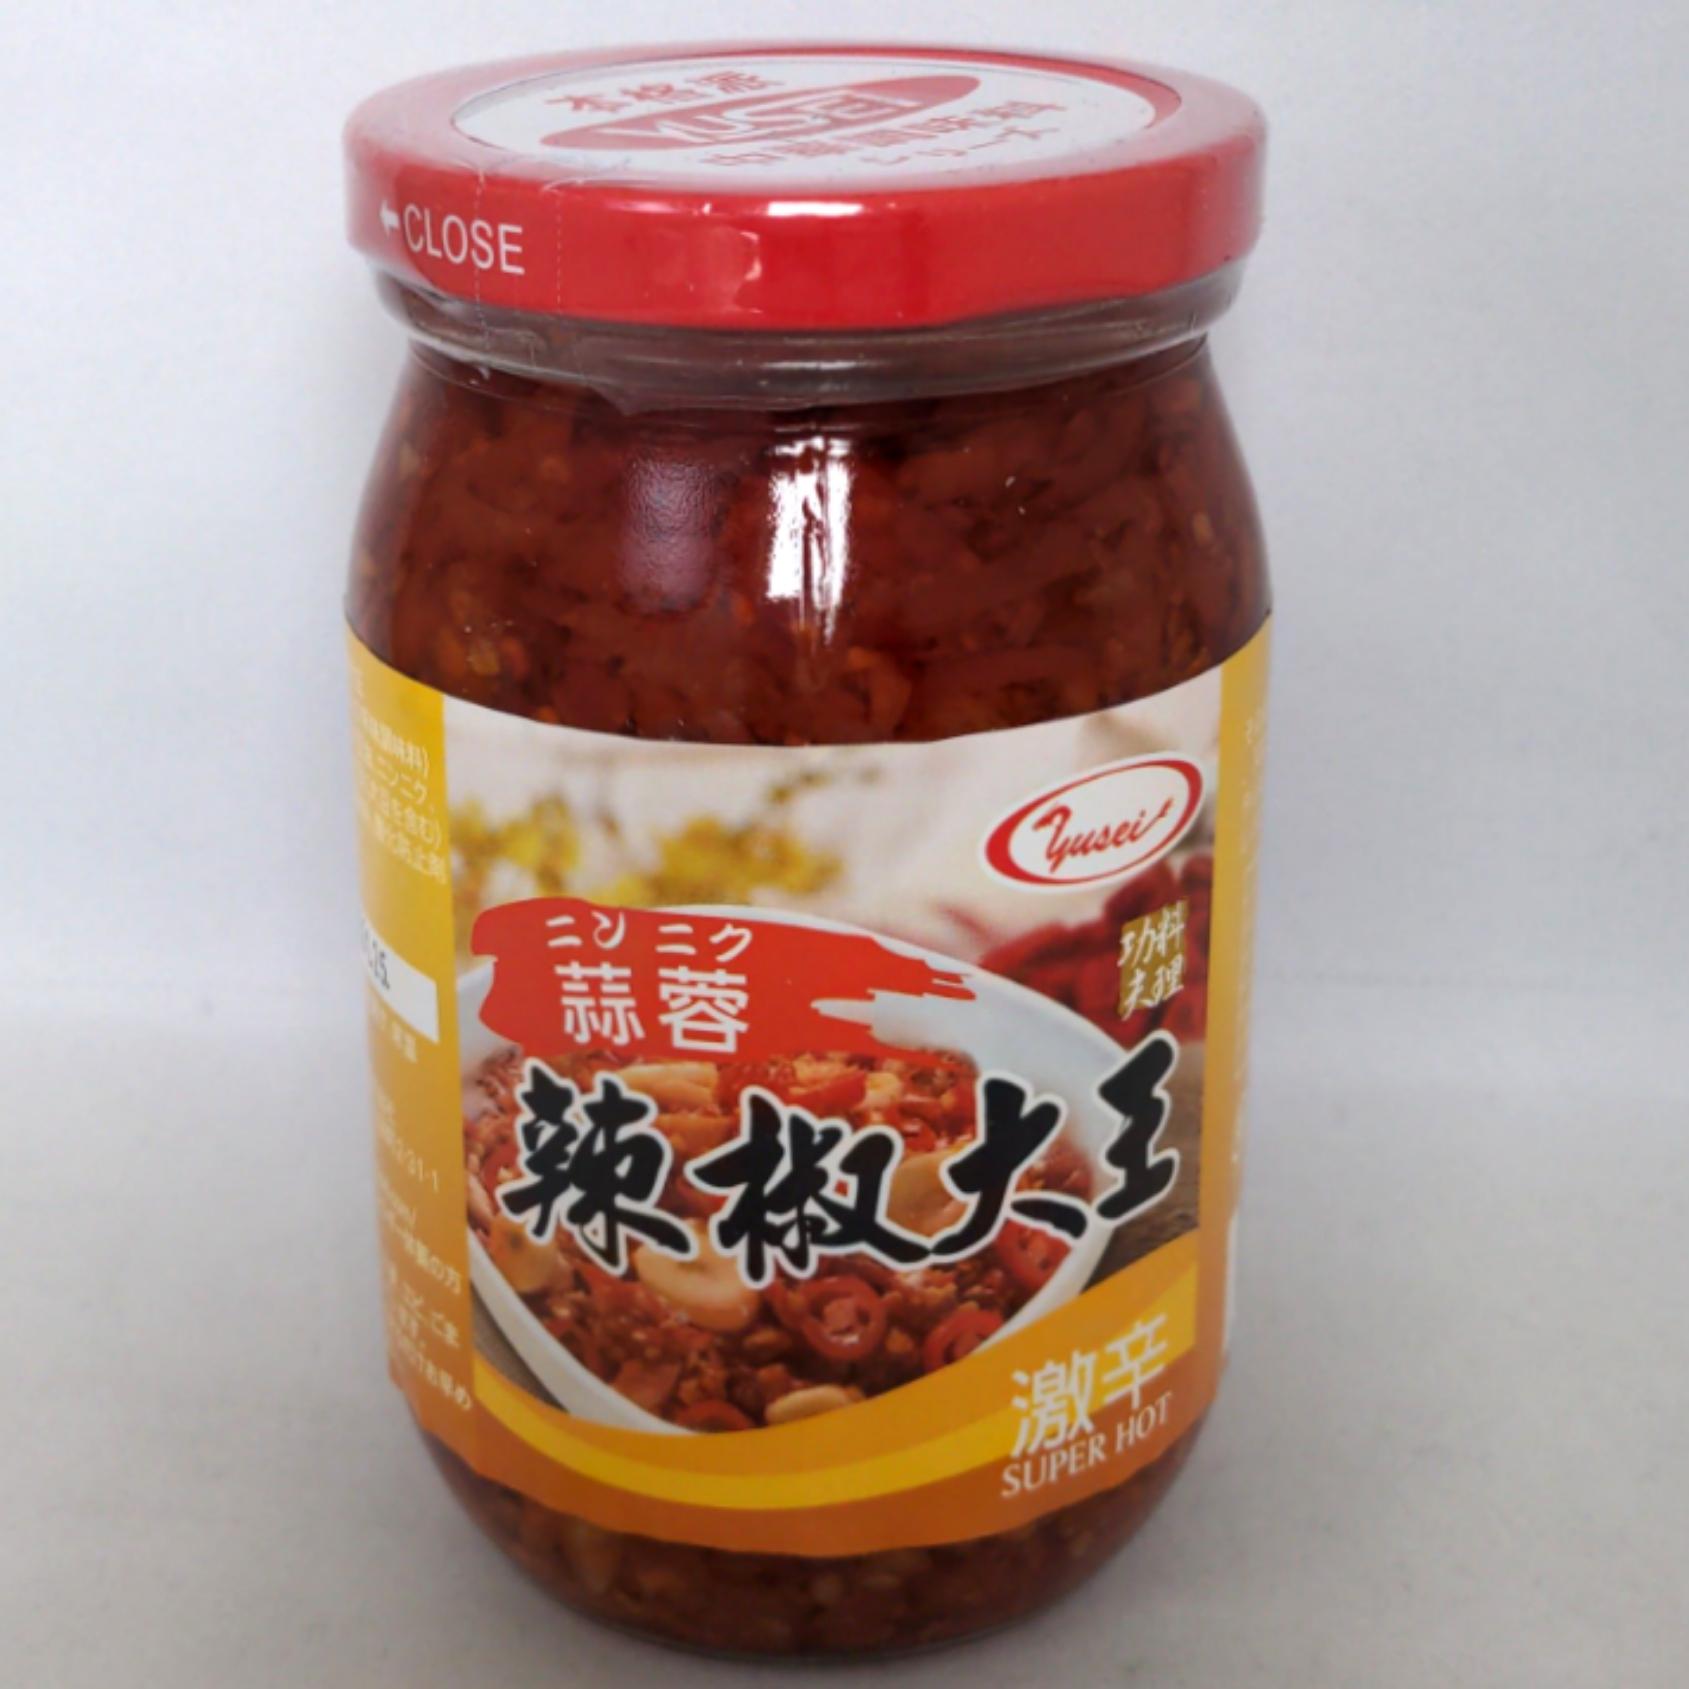 蒜蓉辣椒大王430g 1瓶 激辛口ニンニク中華ラー油 辣椒油 台湾産 日本メーカー新品 タイムセール